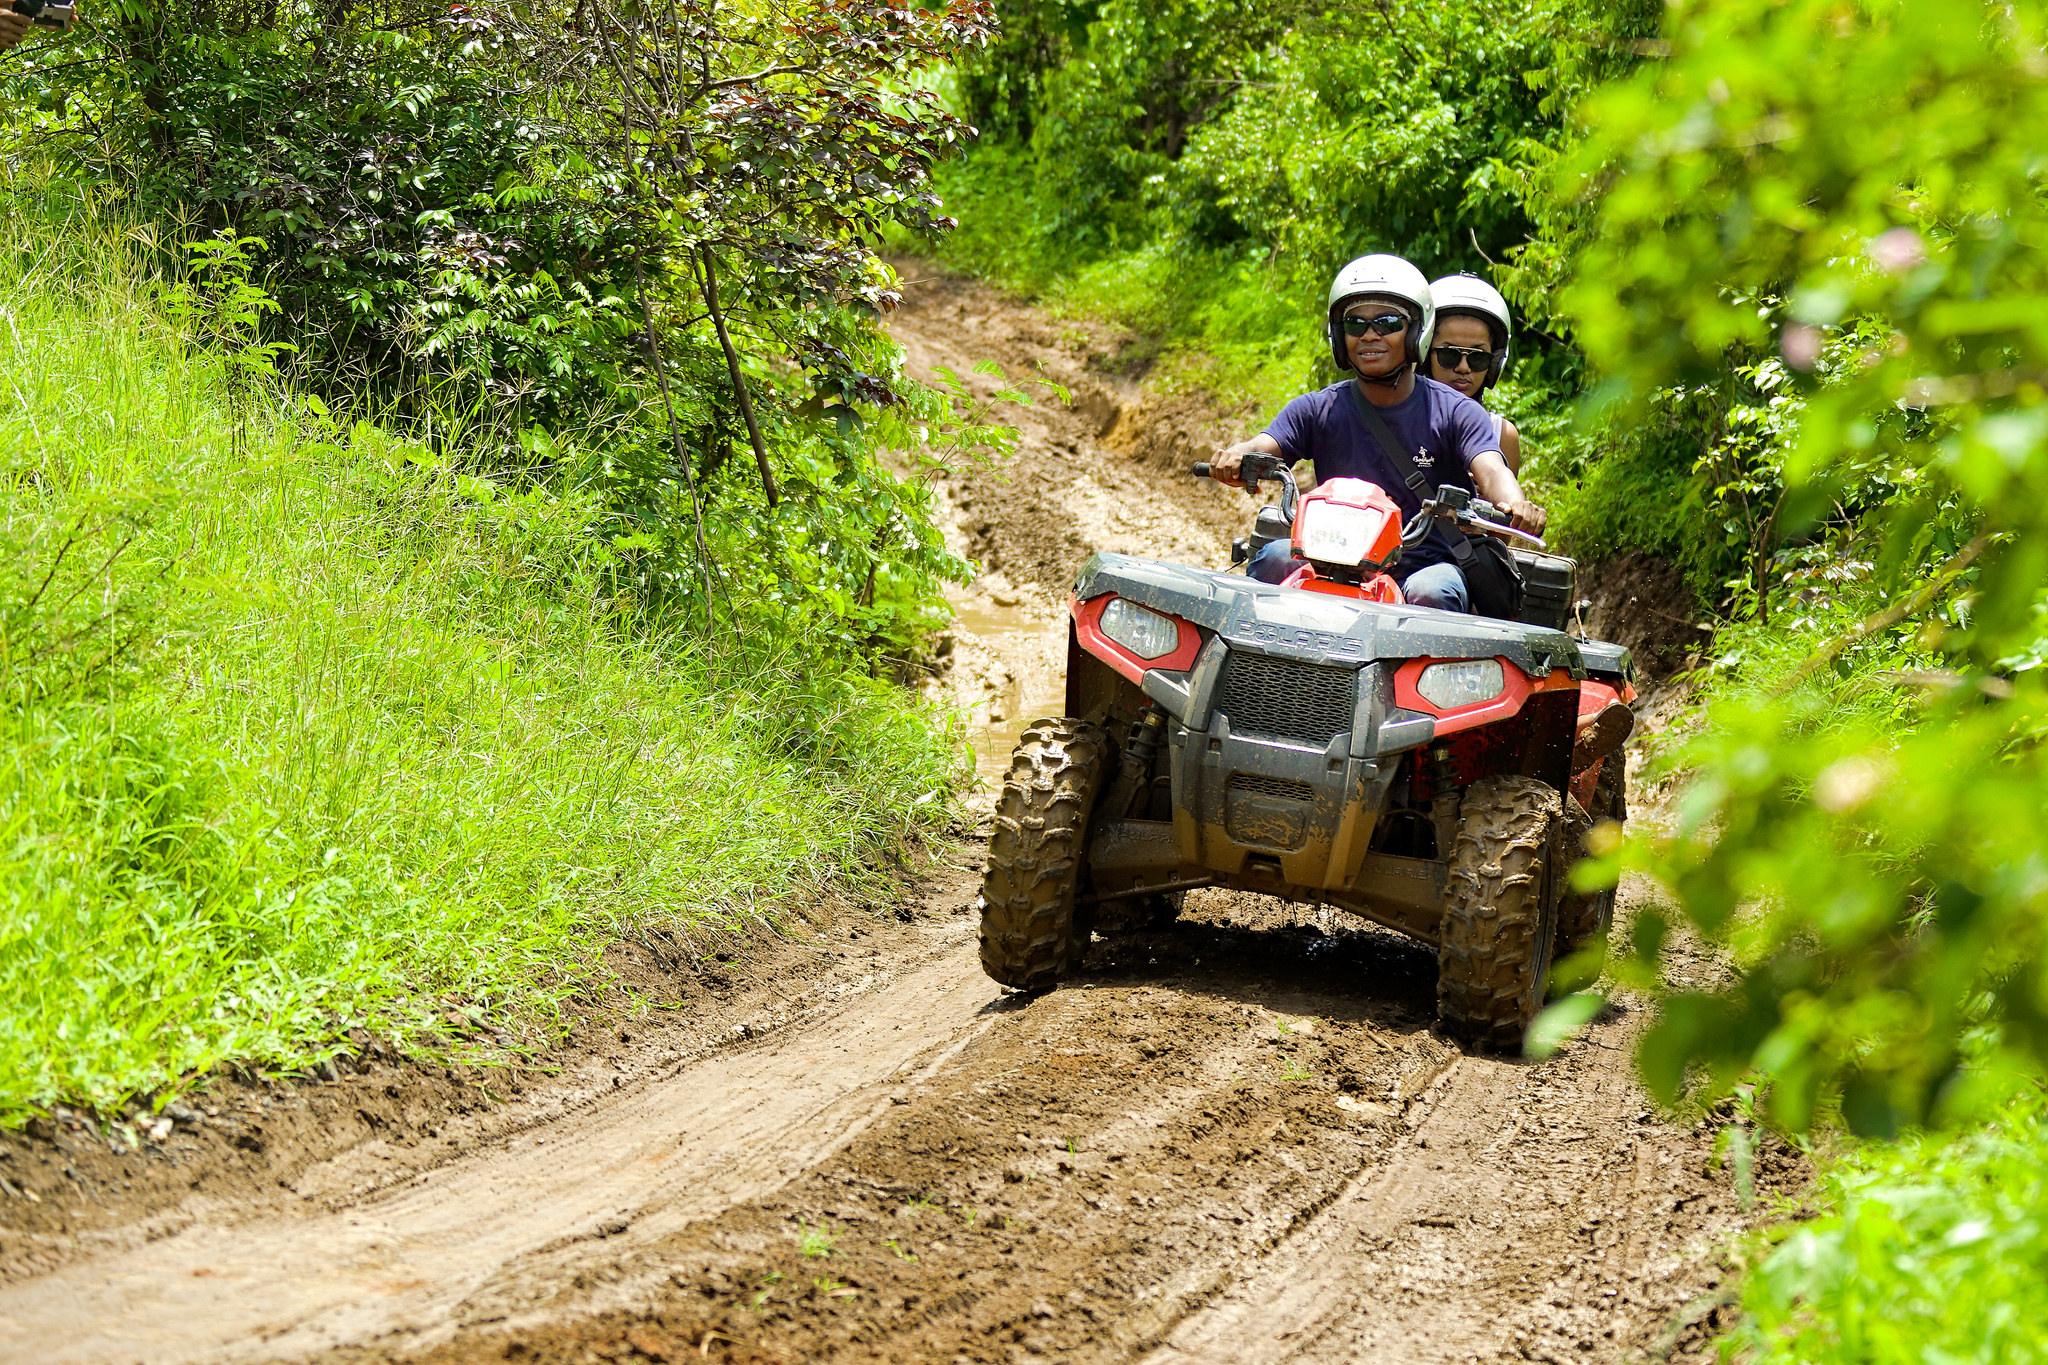 randonnée quad madagascar